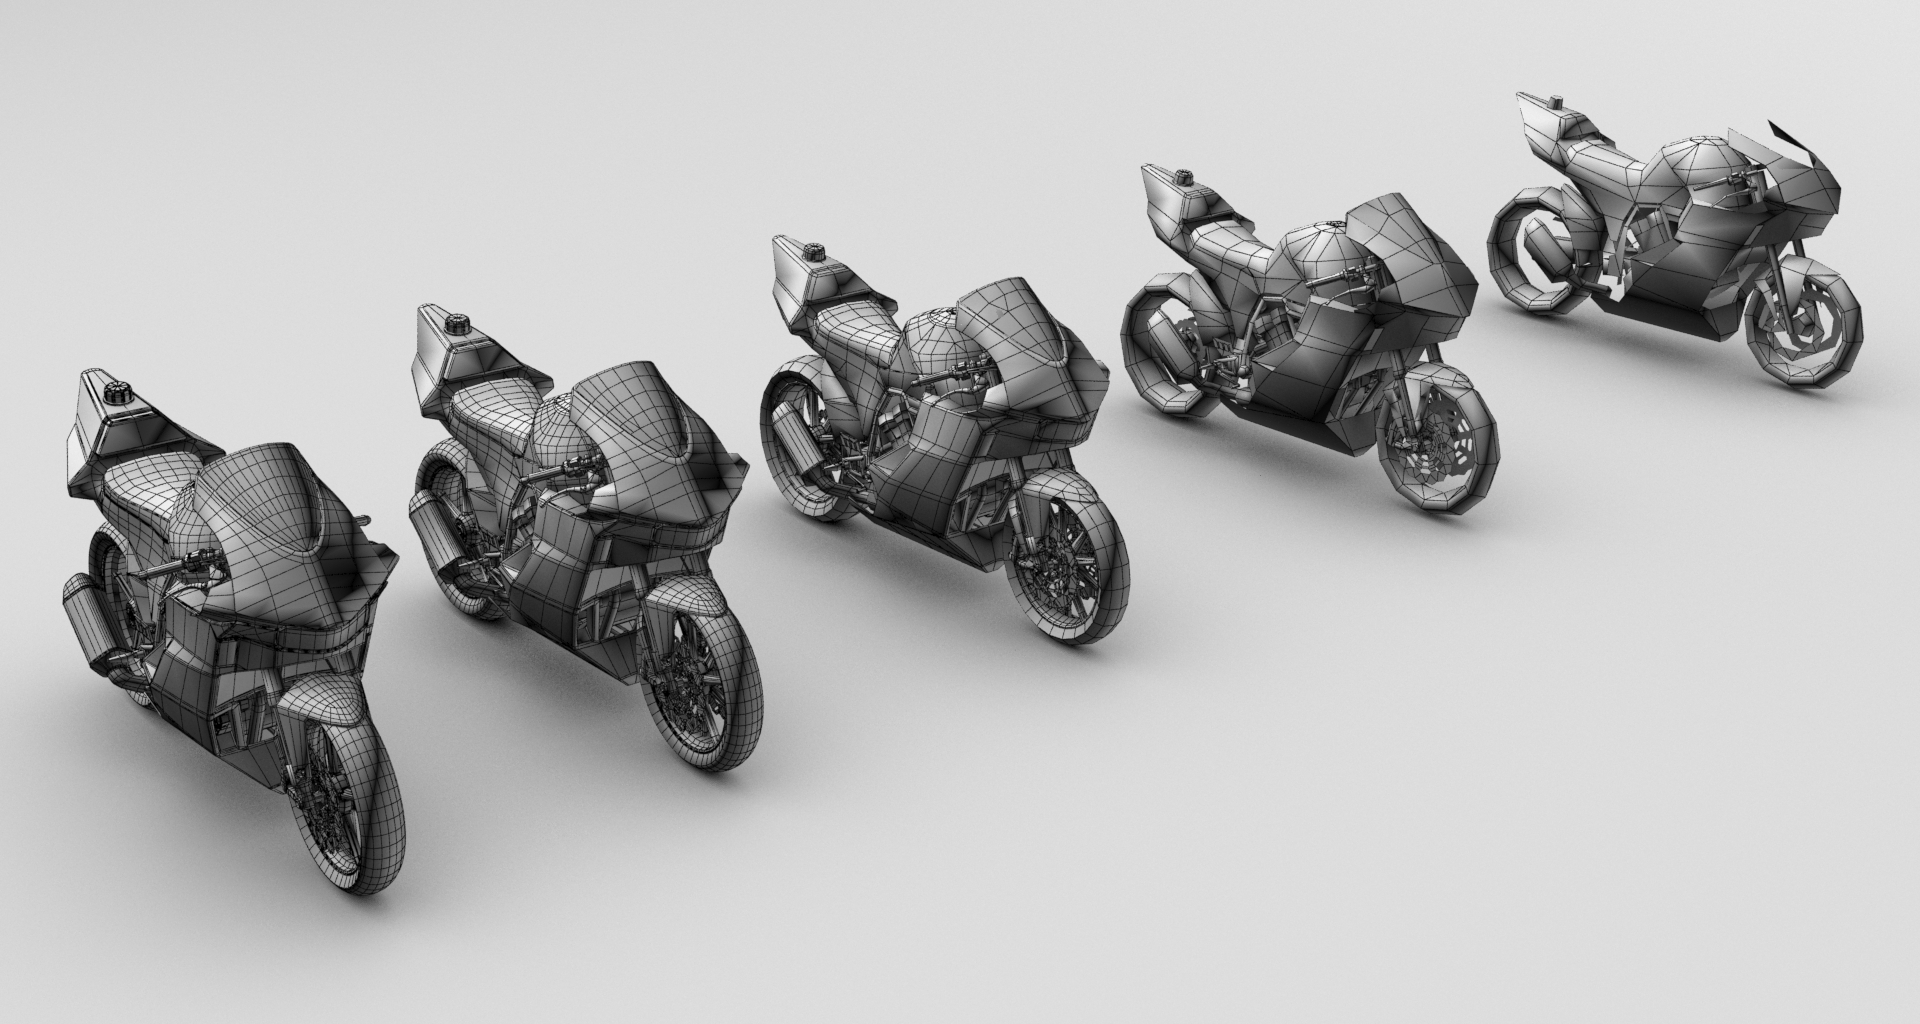 2016_MotoRacer4_F.Beudin_MotoPolice-AO-LOD